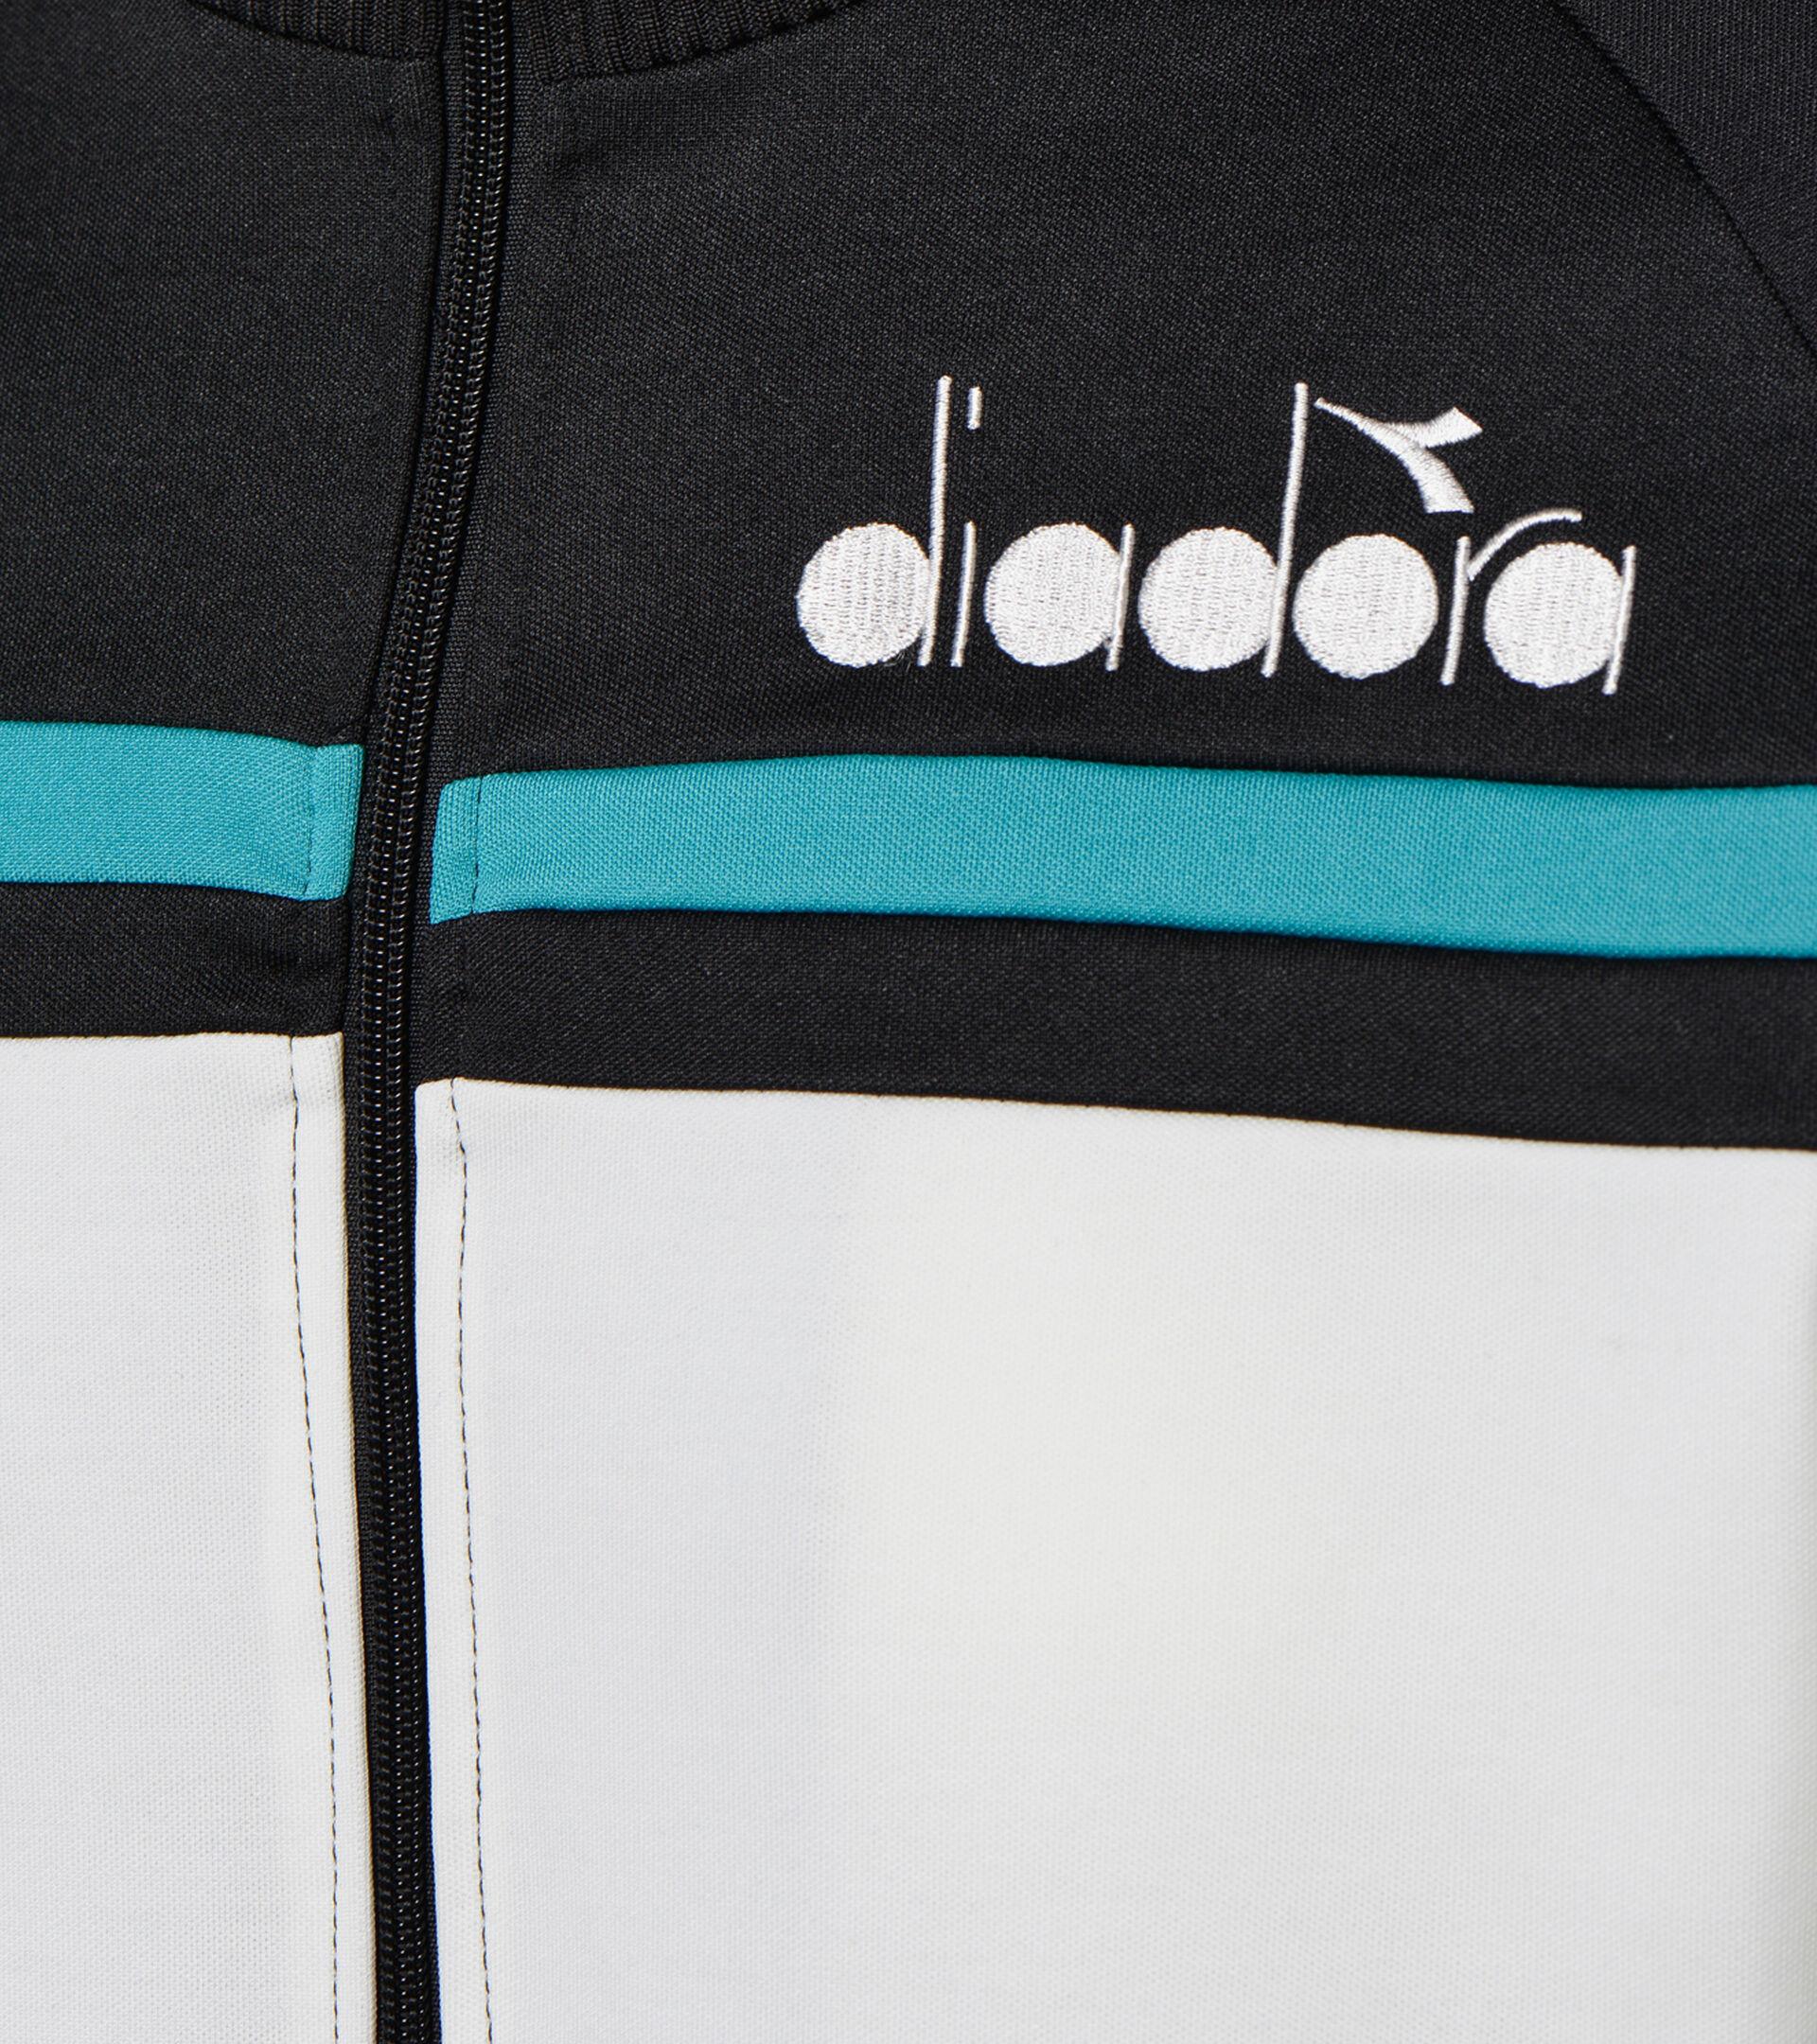 Sportswear-Jacke - Unisex JACKET 80S SCHWZ/VIRIIDIANGRUEN/MILCHWSS - Diadora